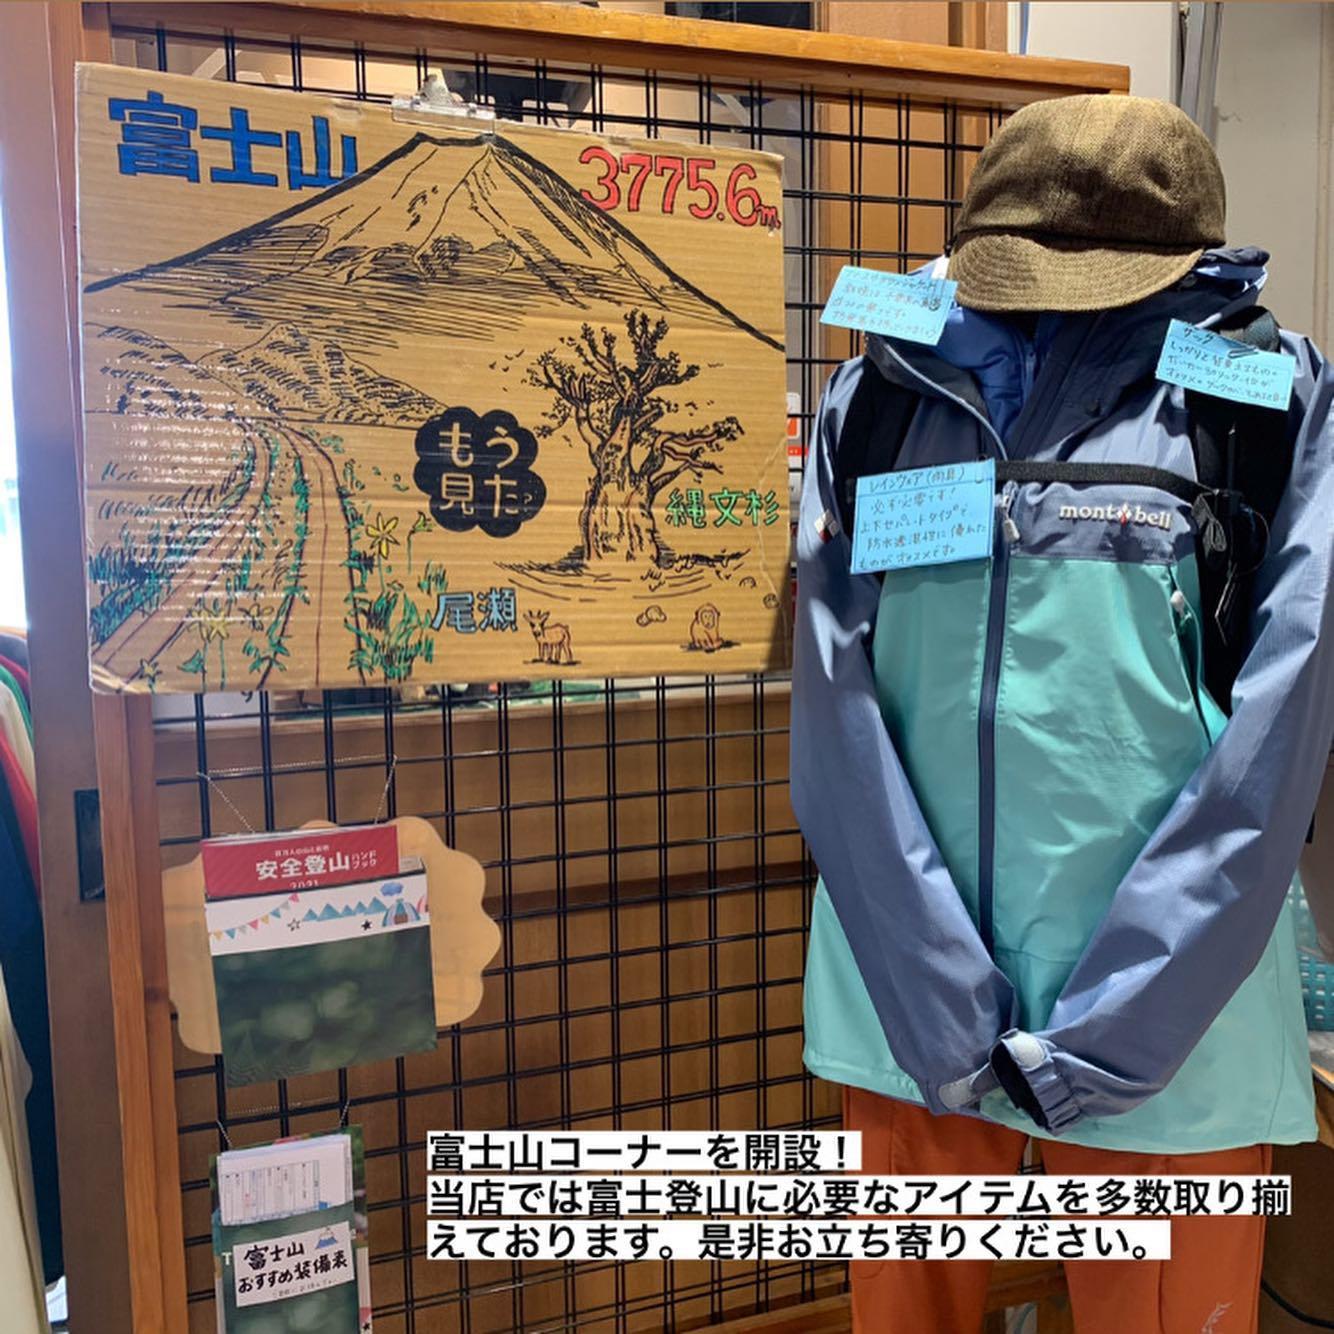 富士山コーナーを開設!